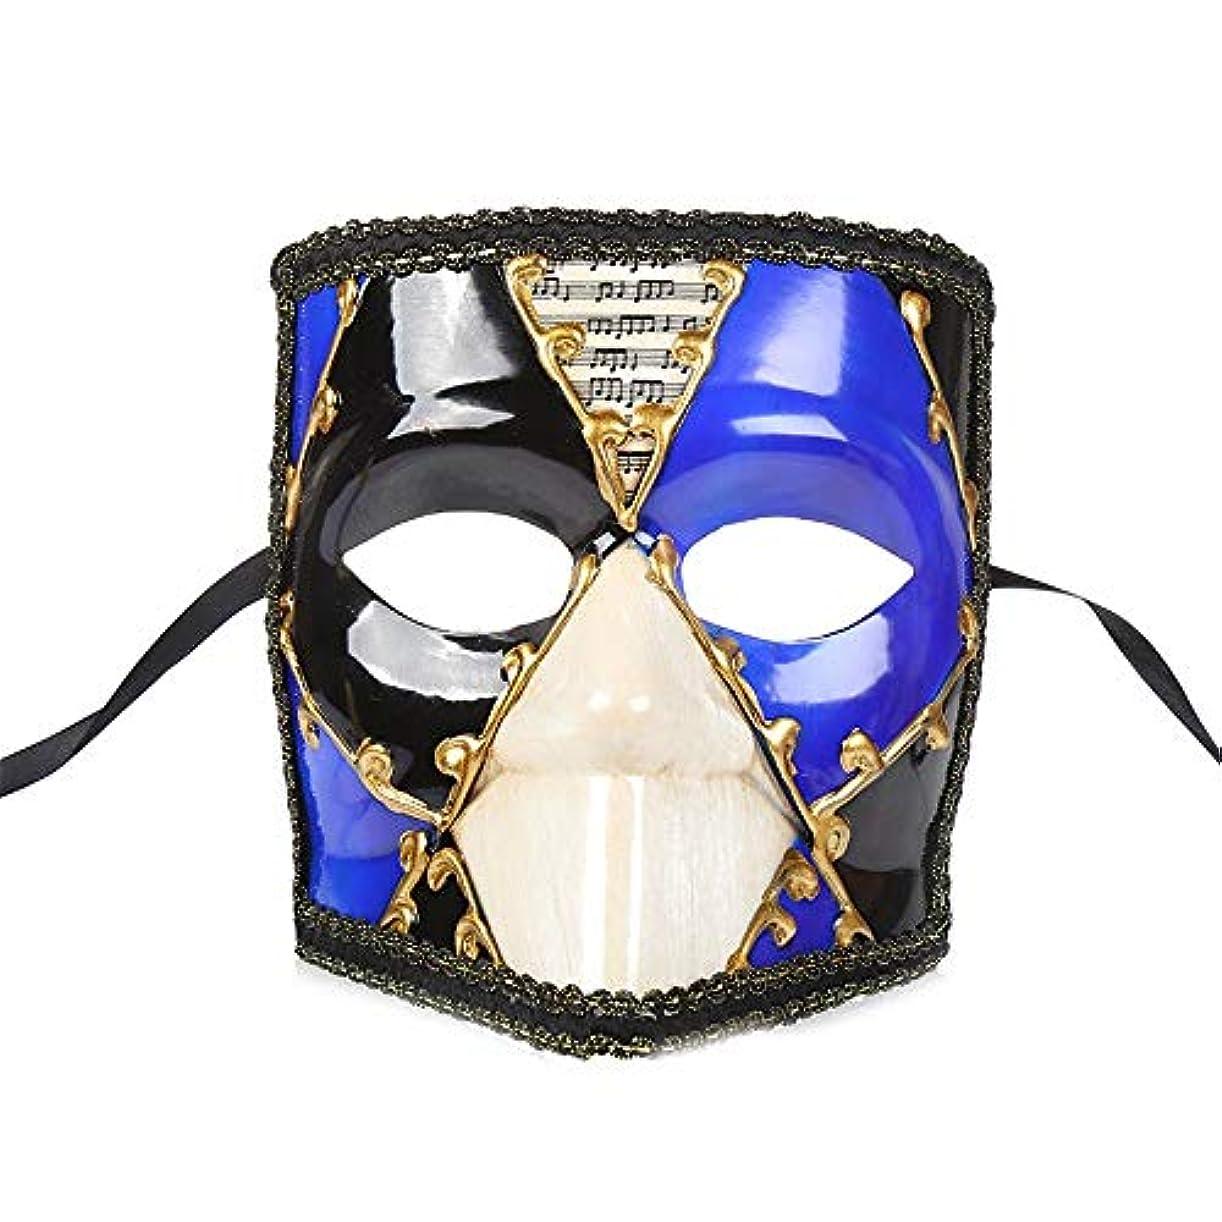 保護する廃止サーバダンスマスク ピエロマスクヴィンテージマスカレードショーデコレーションコスプレナイトクラブプラスチック厚いマスク ホリデーパーティー用品 (色 : 青, サイズ : 18x15cm)